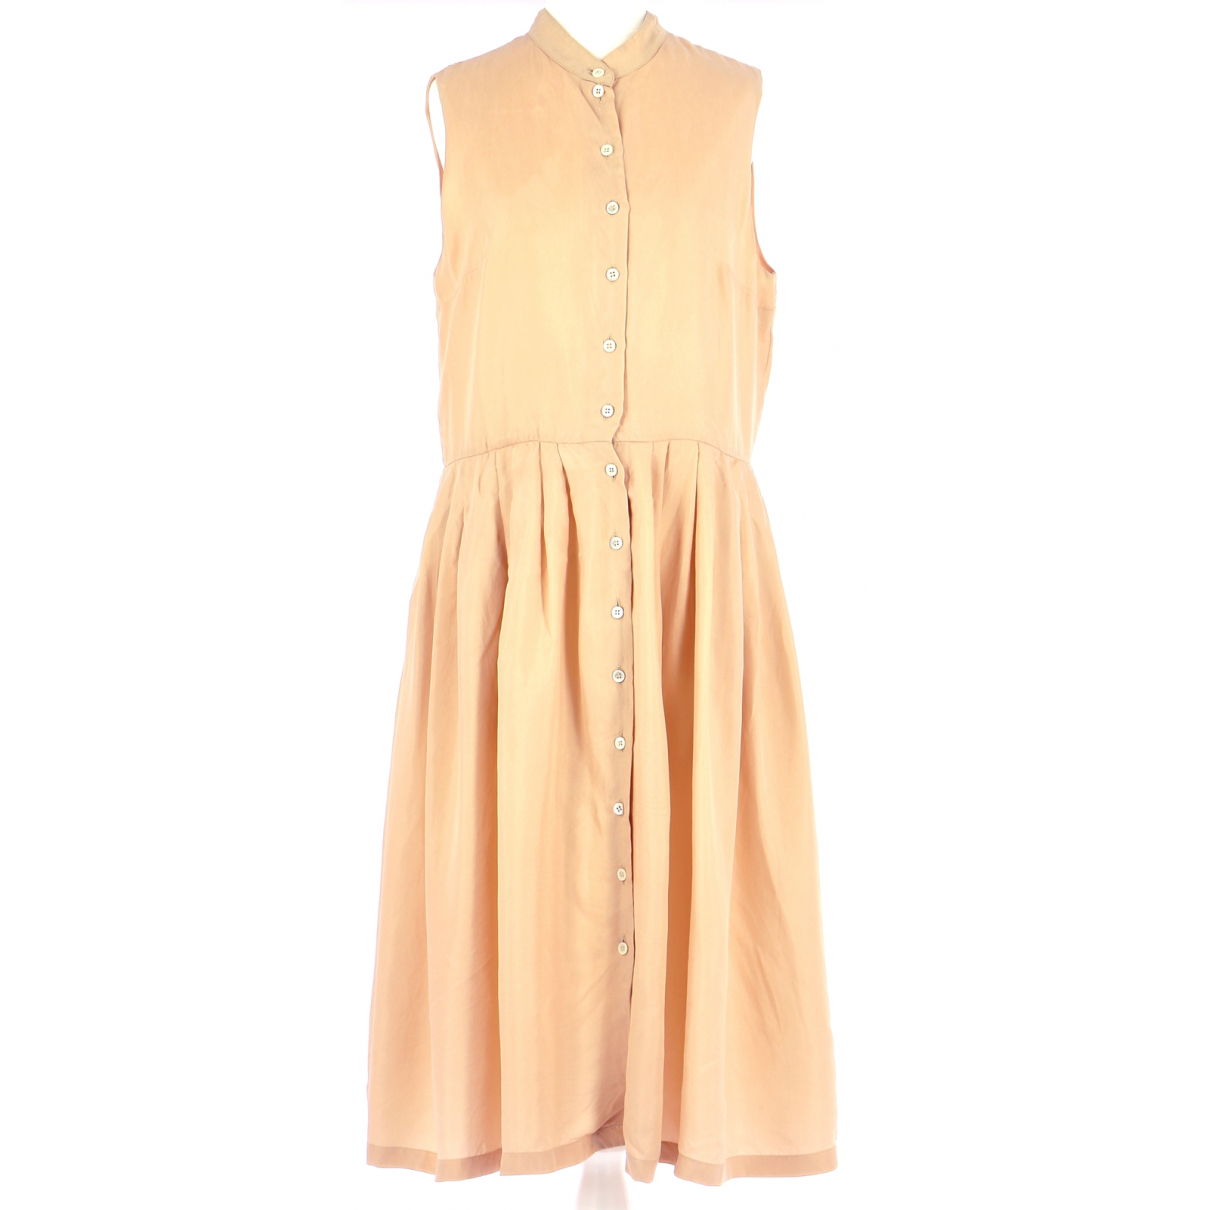 Cacharel \N Kleid in  Beige Synthetik